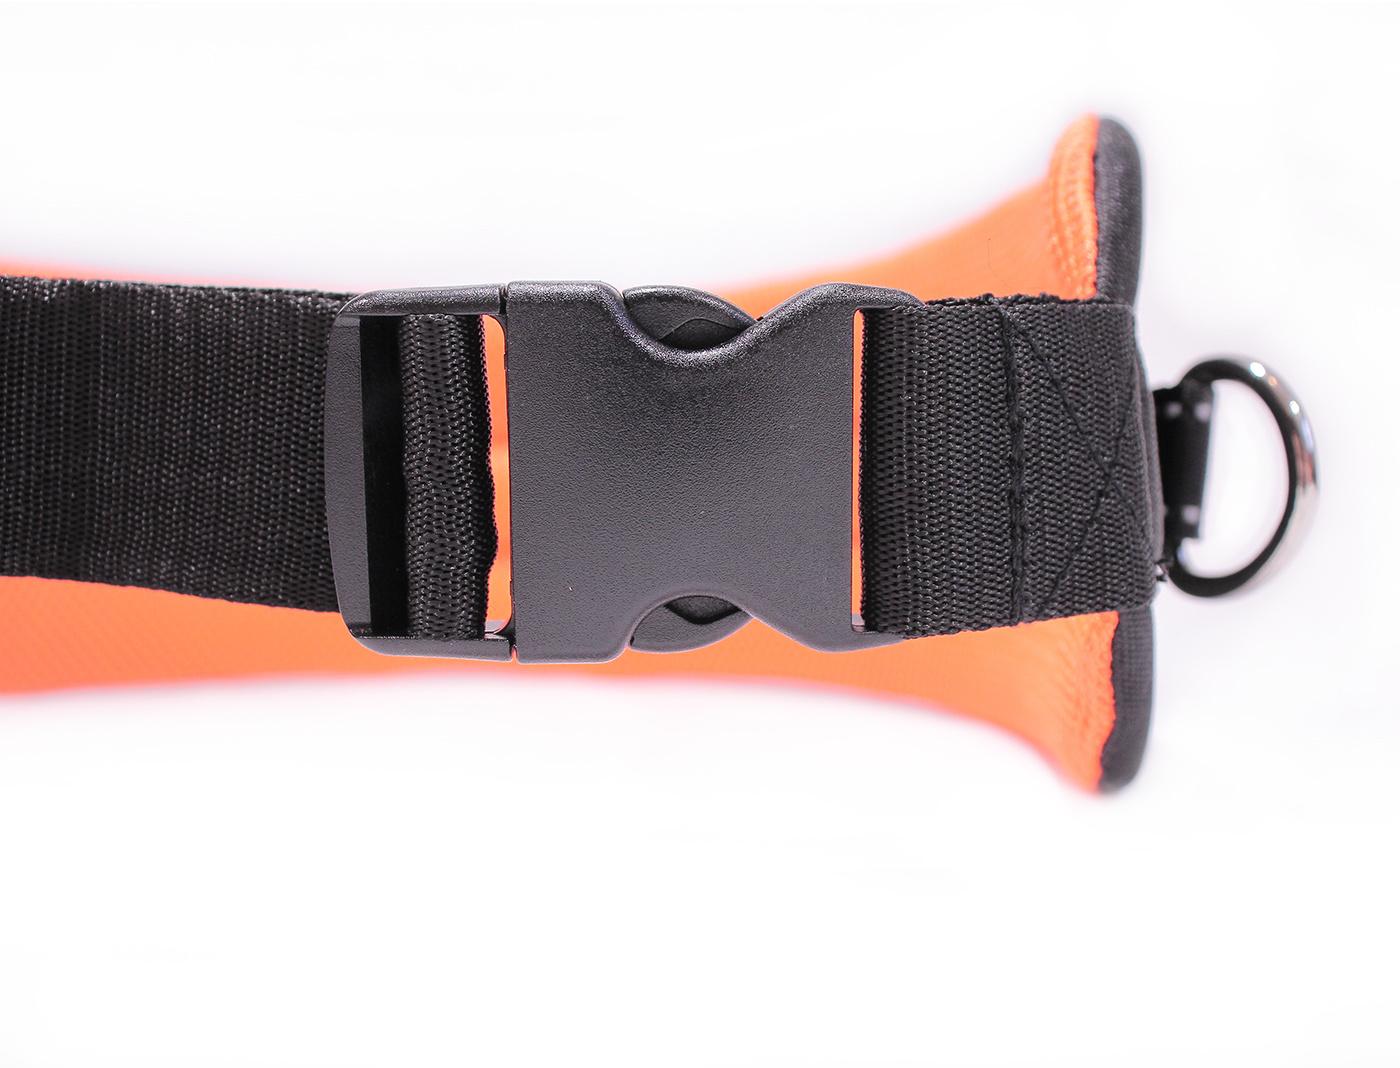 LasaLine LasaLine Canicross Jogging und Laufgürtel mit Reflektoren in Schwarz Neonorange